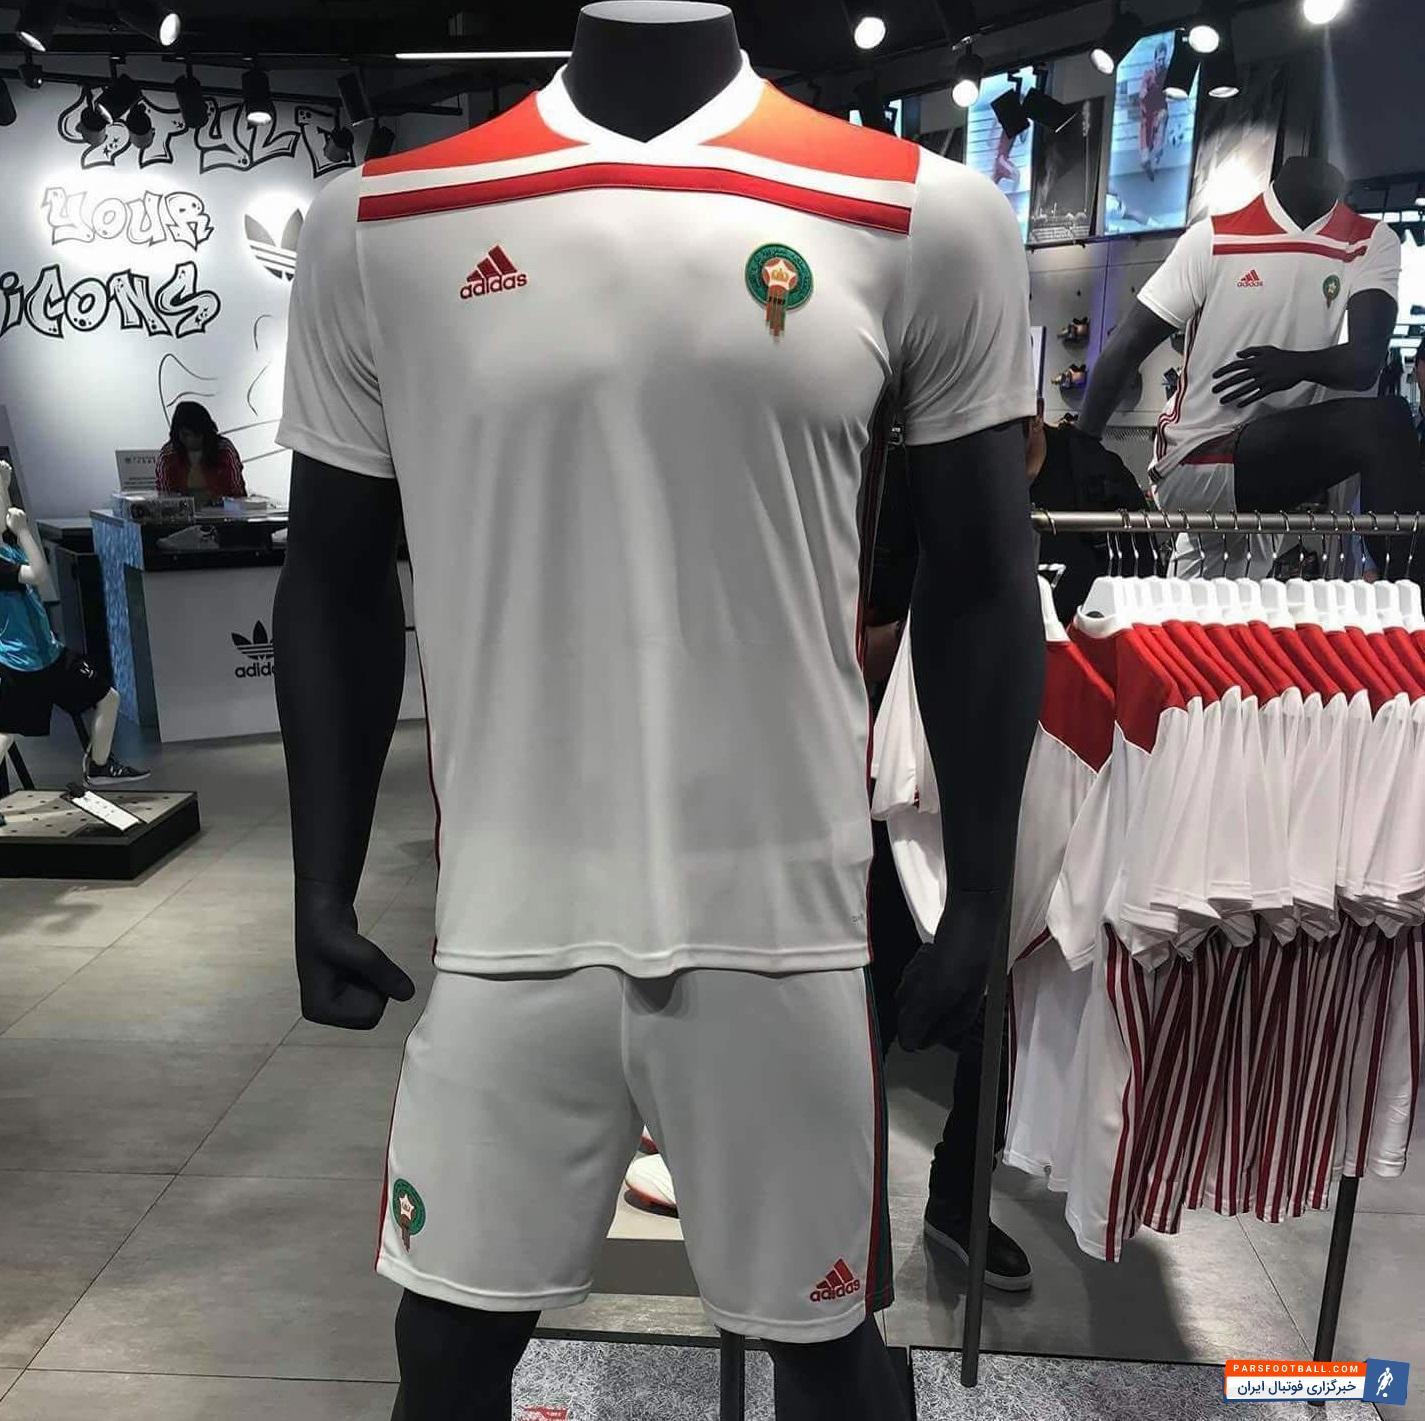 مراکش و دغدغه تمام نشدنی پیراهن تیم ملی؛ عصبانیت و ناامیدی مردم از پیراهن سوم تیم ملی